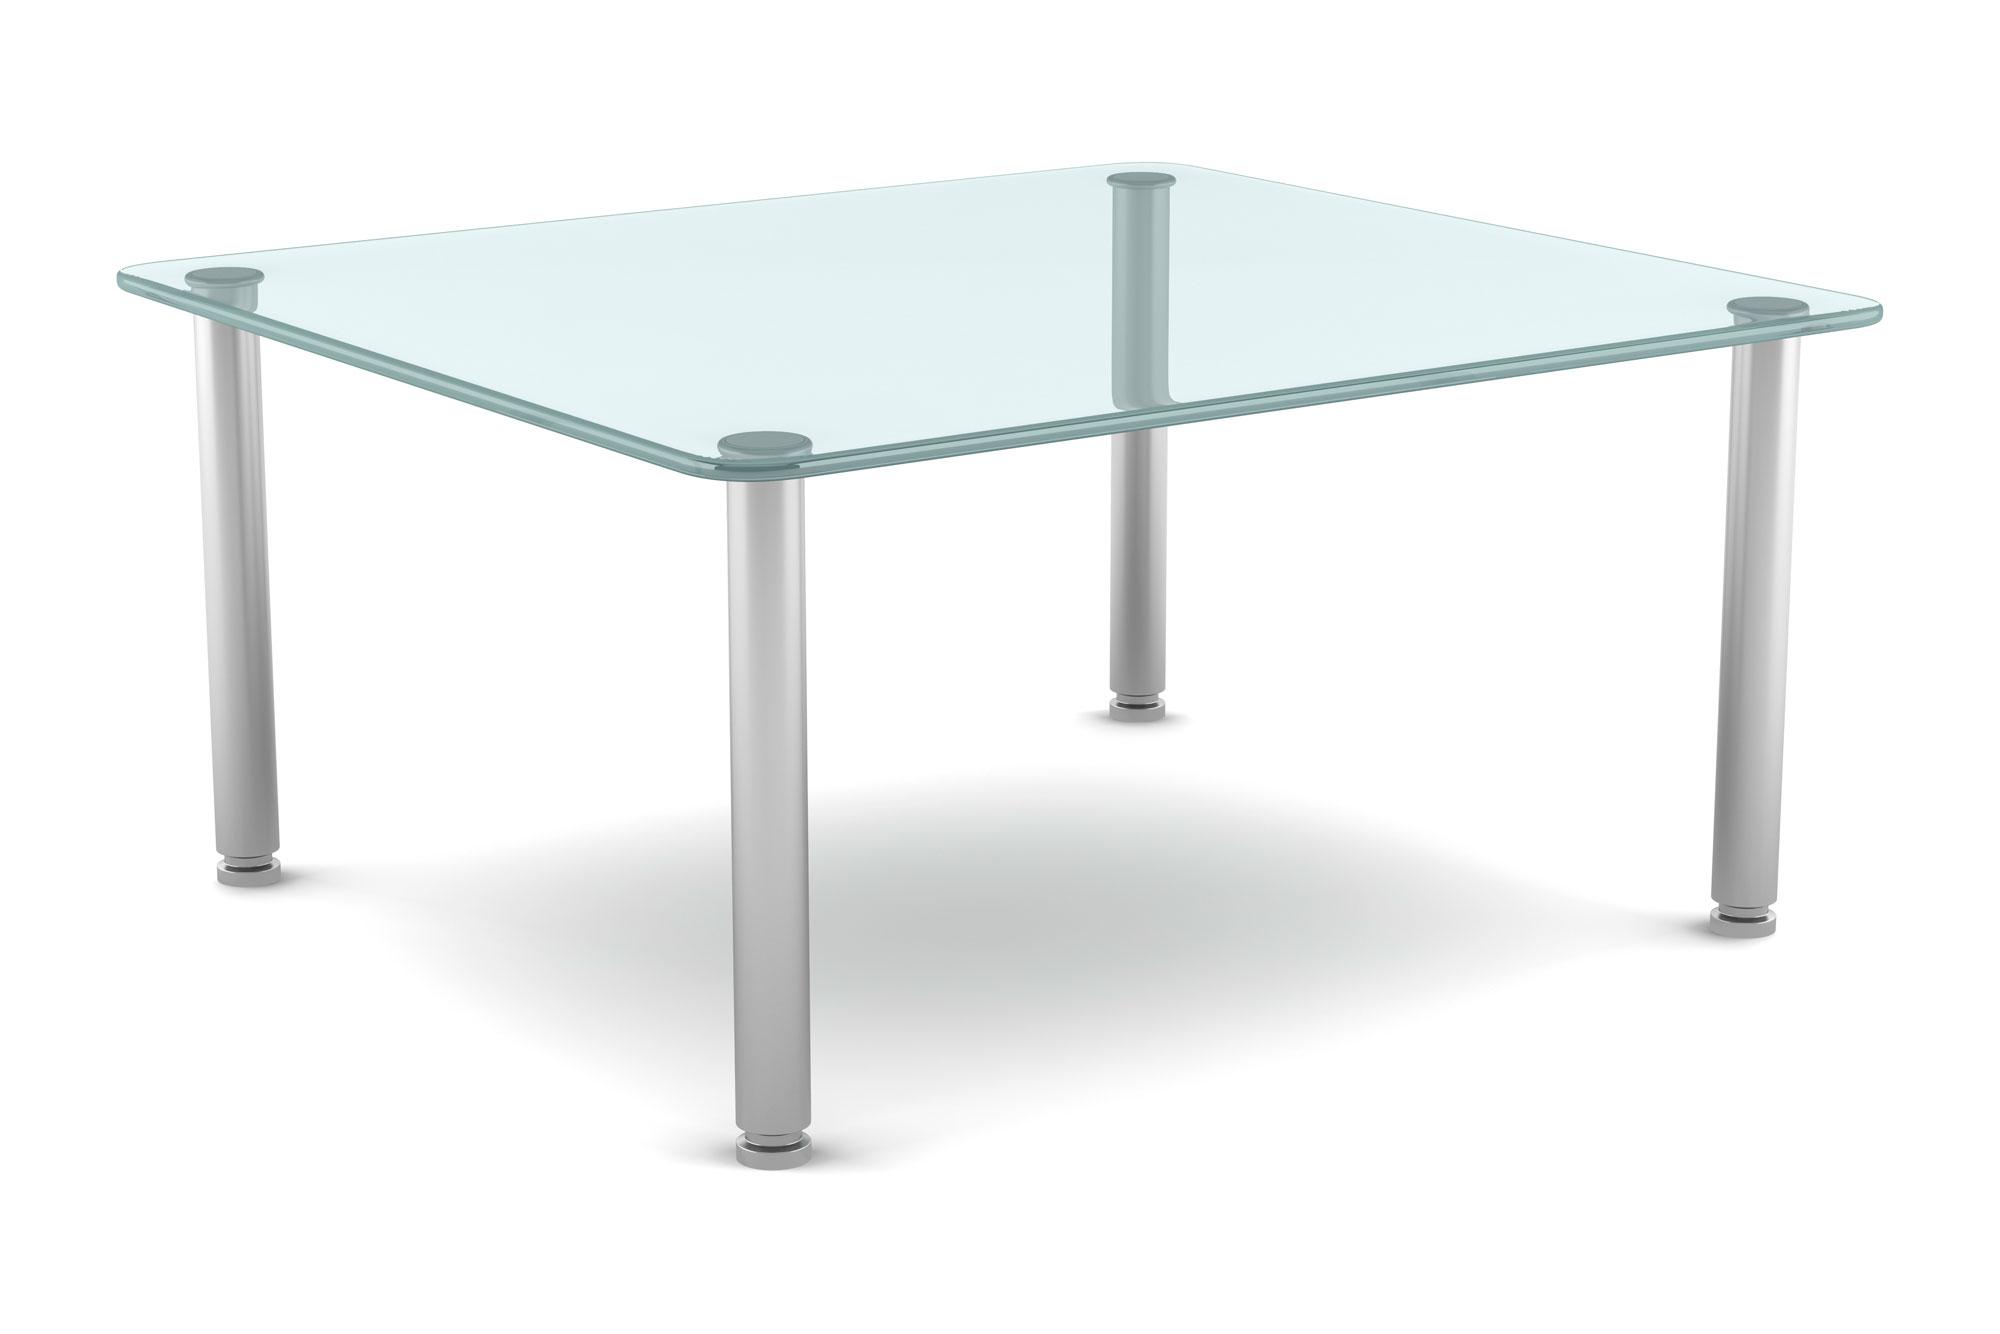 tischplatten aus esg sicherheitsglas esg glas. Black Bedroom Furniture Sets. Home Design Ideas